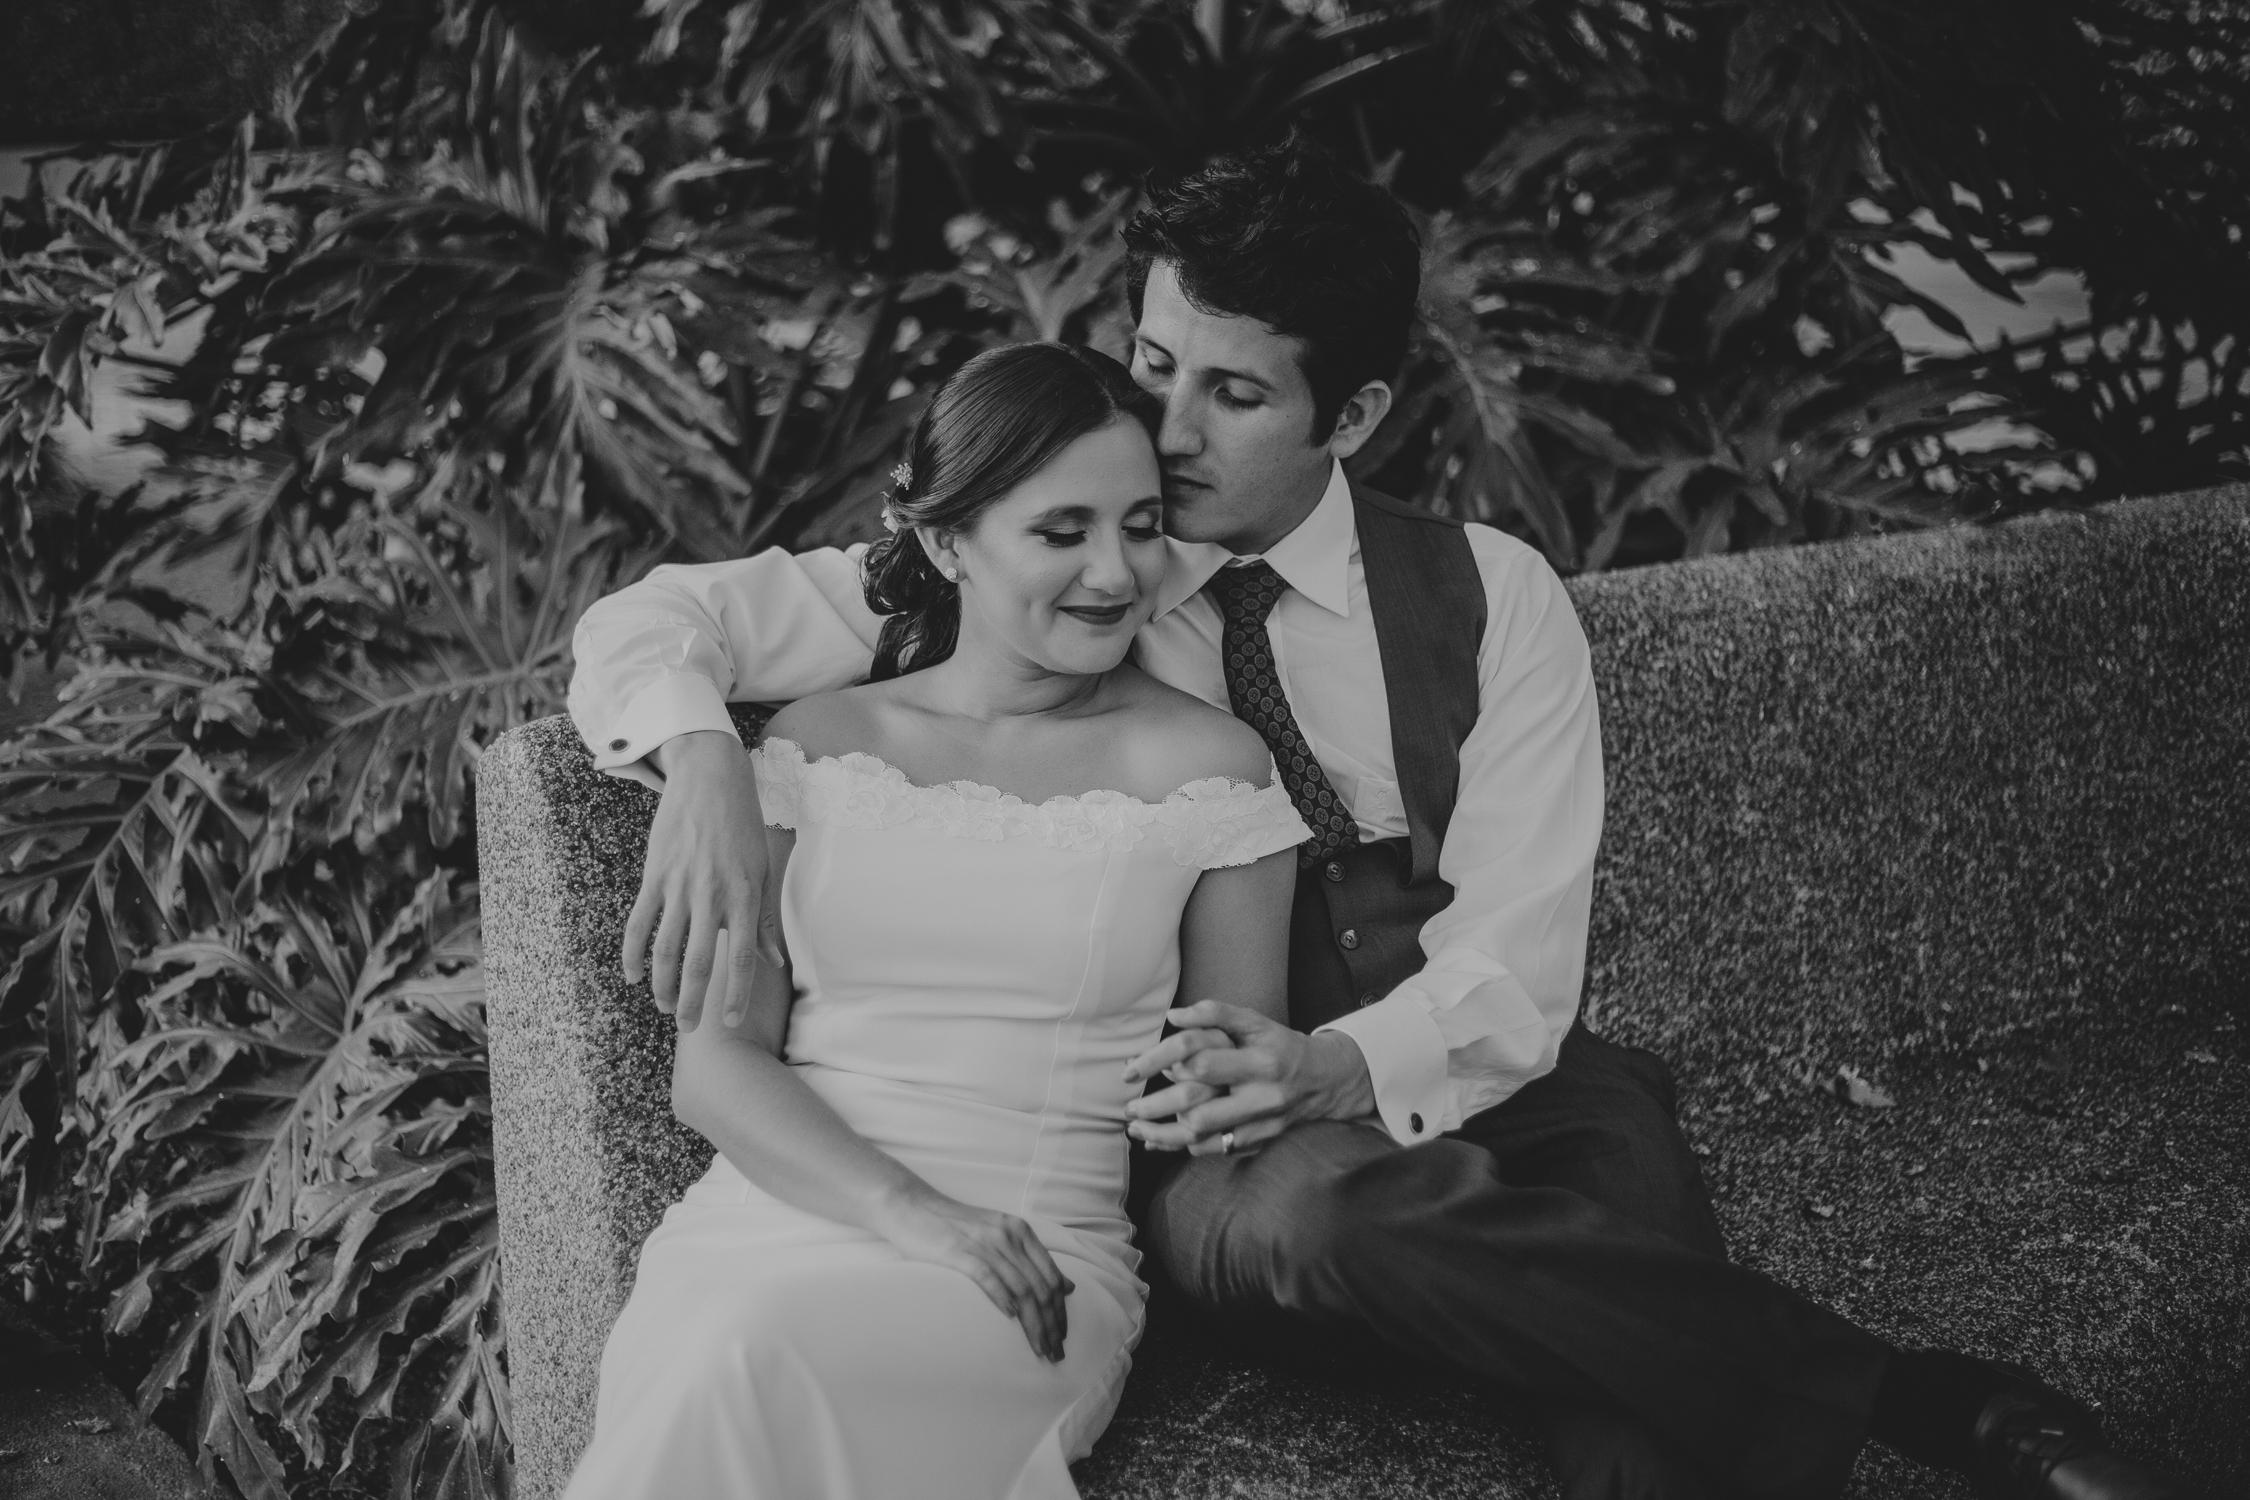 Michelle-Agurto-Fotografia-Bodas-Ecuador-Destination-Wedding-Photographer-Adriana-Allan-6.JPG